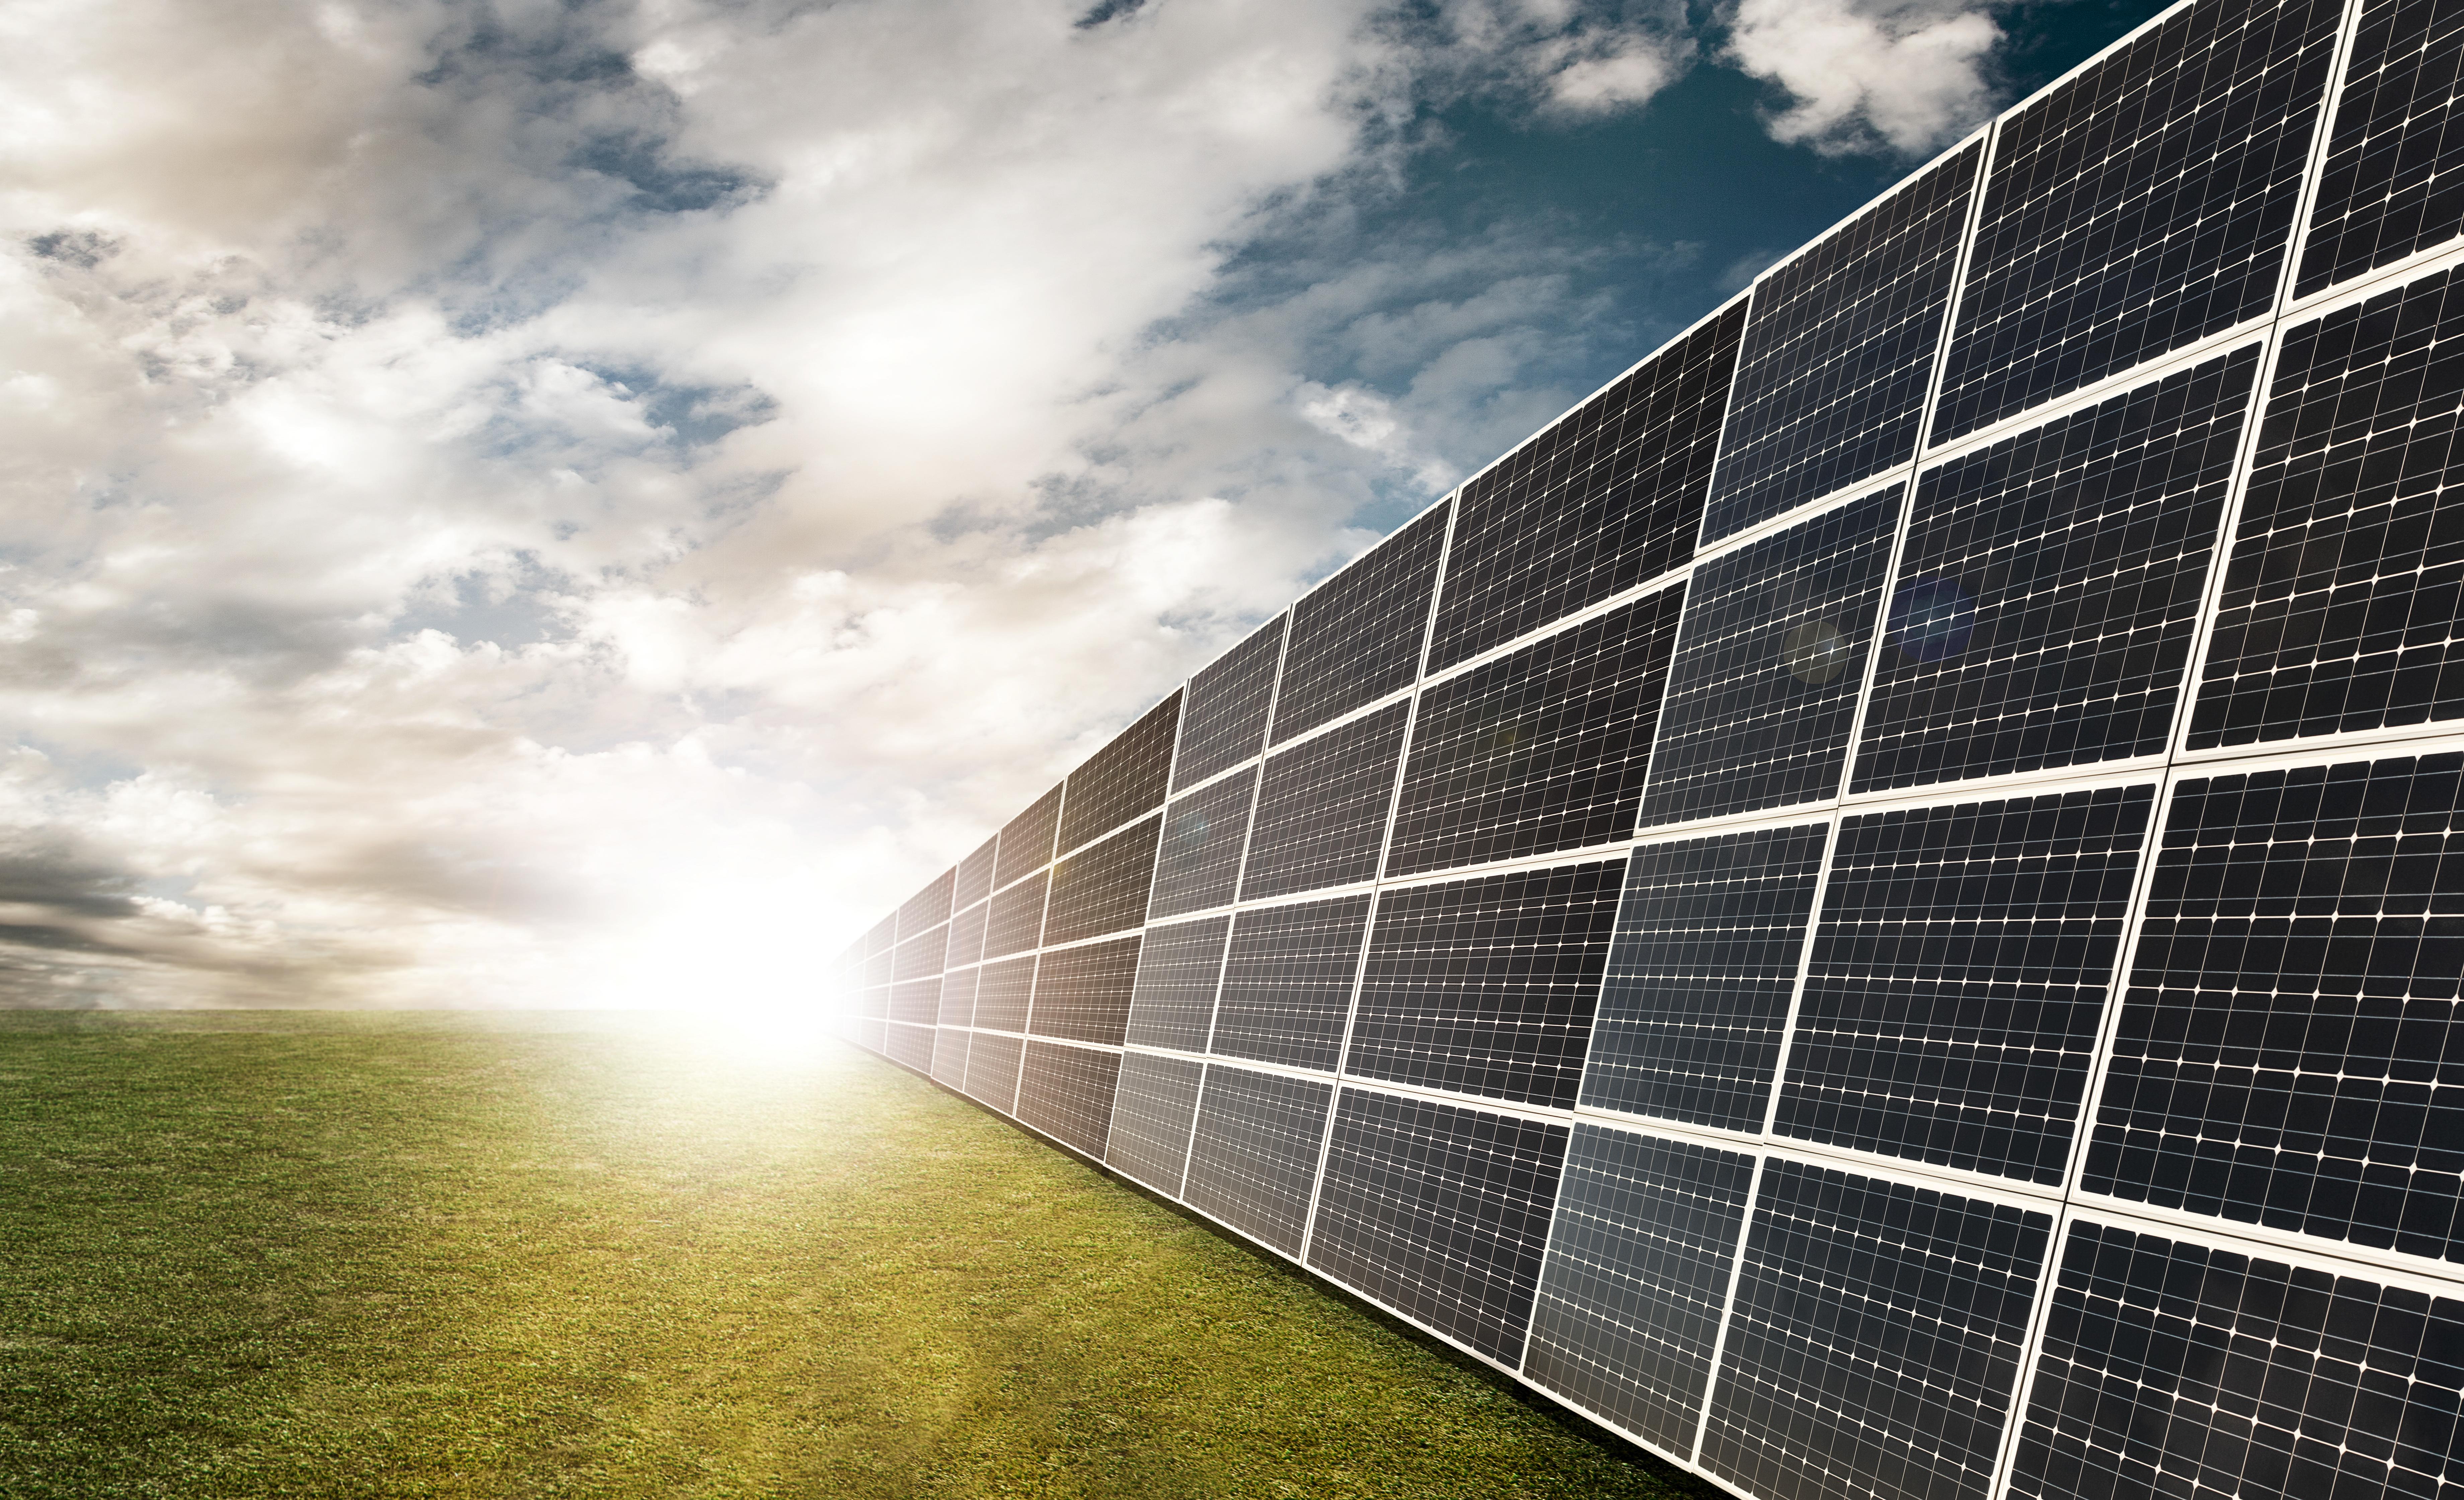 solarpanels copy copy